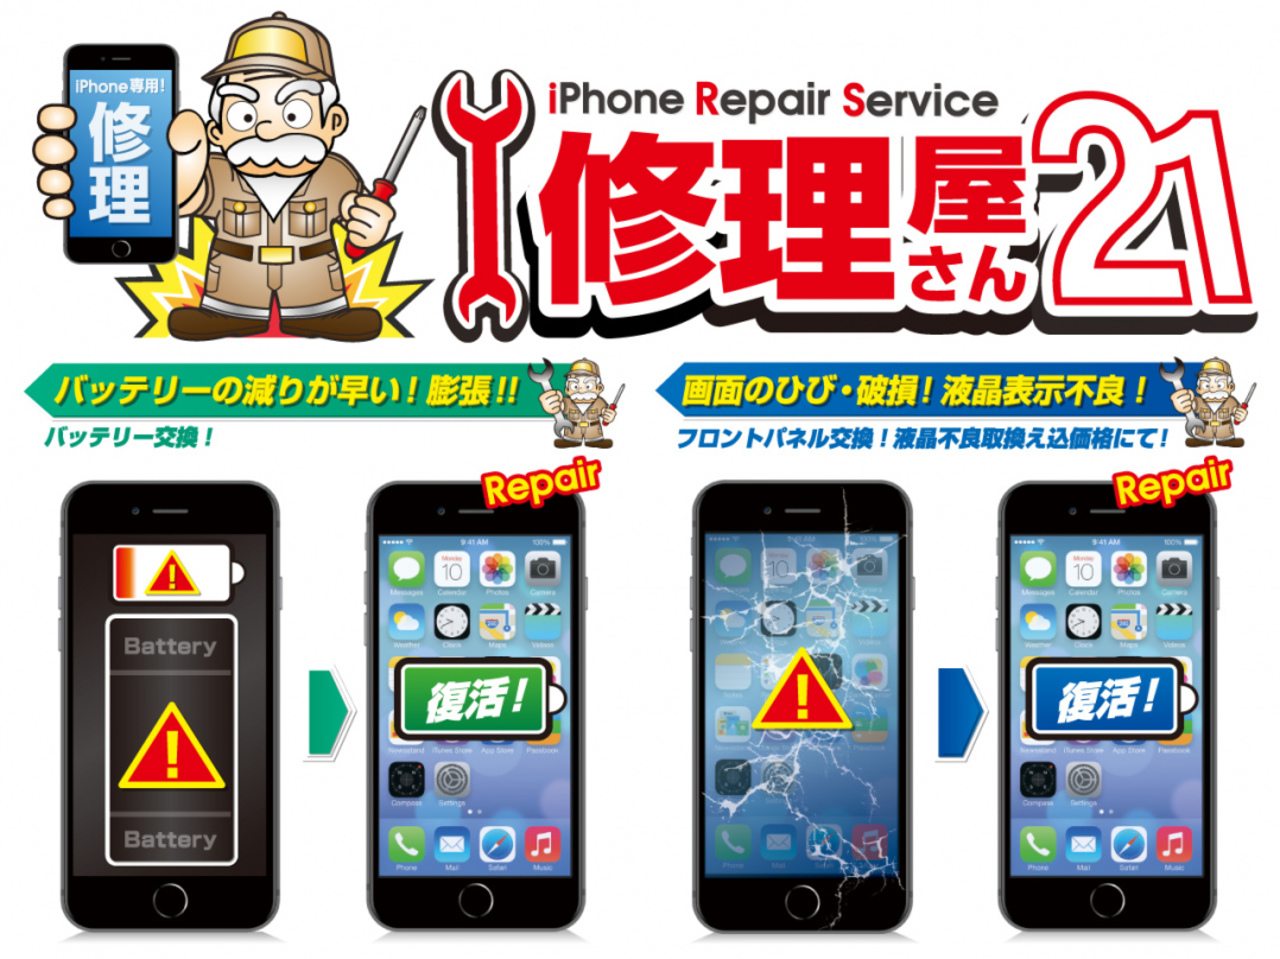 【はんこ屋さん21田端店】iPhone修理サービスの受付スタートしました